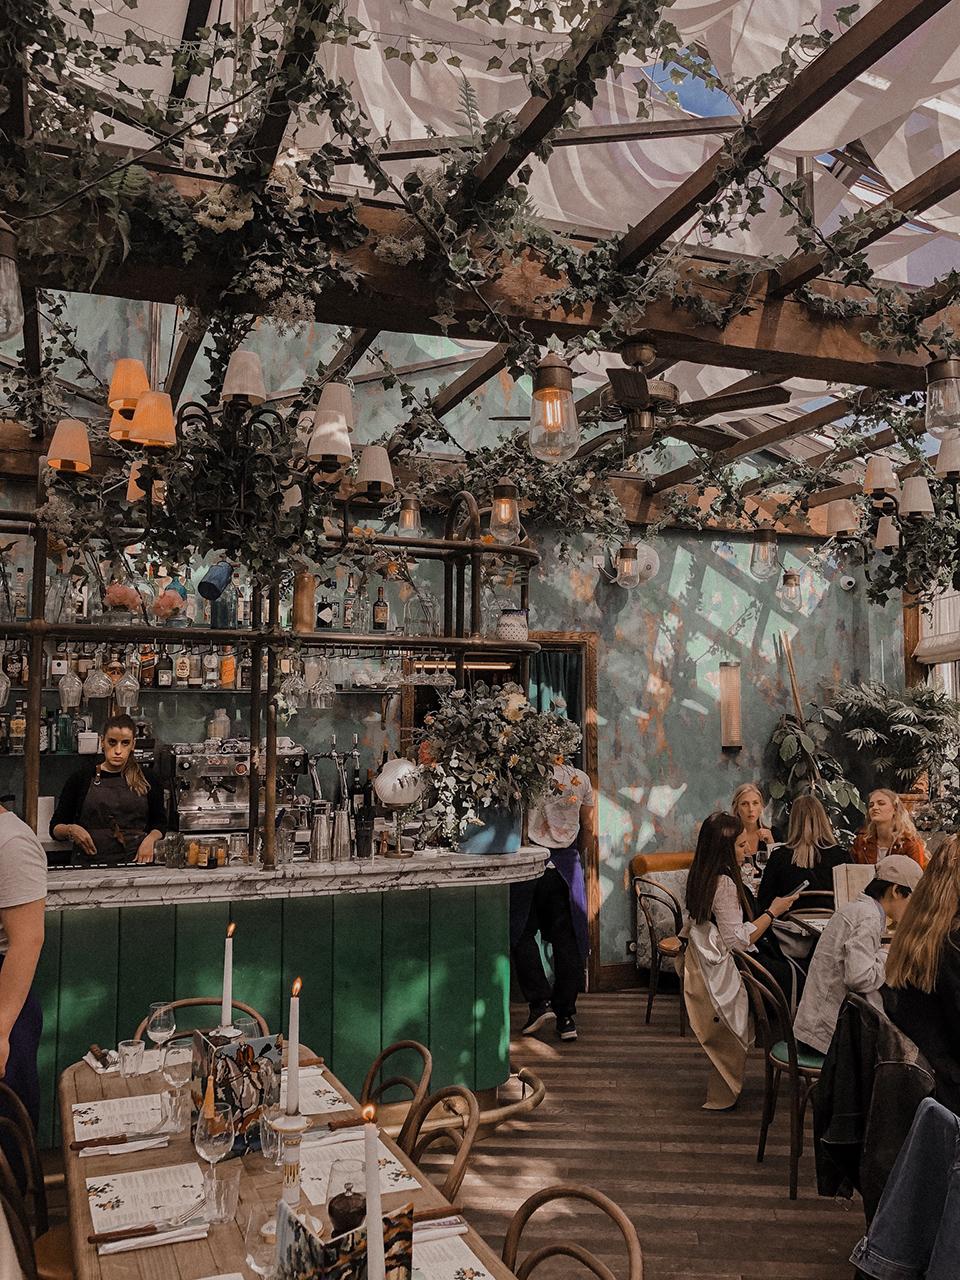 The interior of the Pink Mamma restaurant in Paris